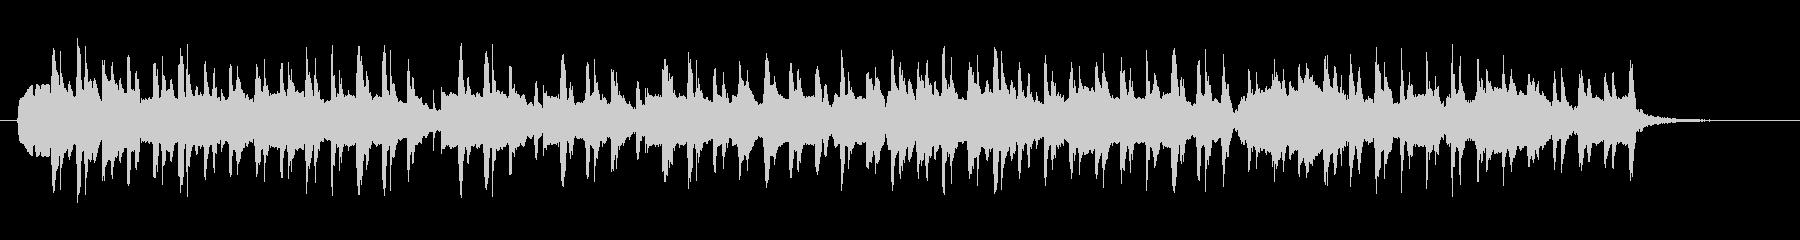 サティ「ジュ・トゥ・ヴ」をボサ風3拍子での未再生の波形